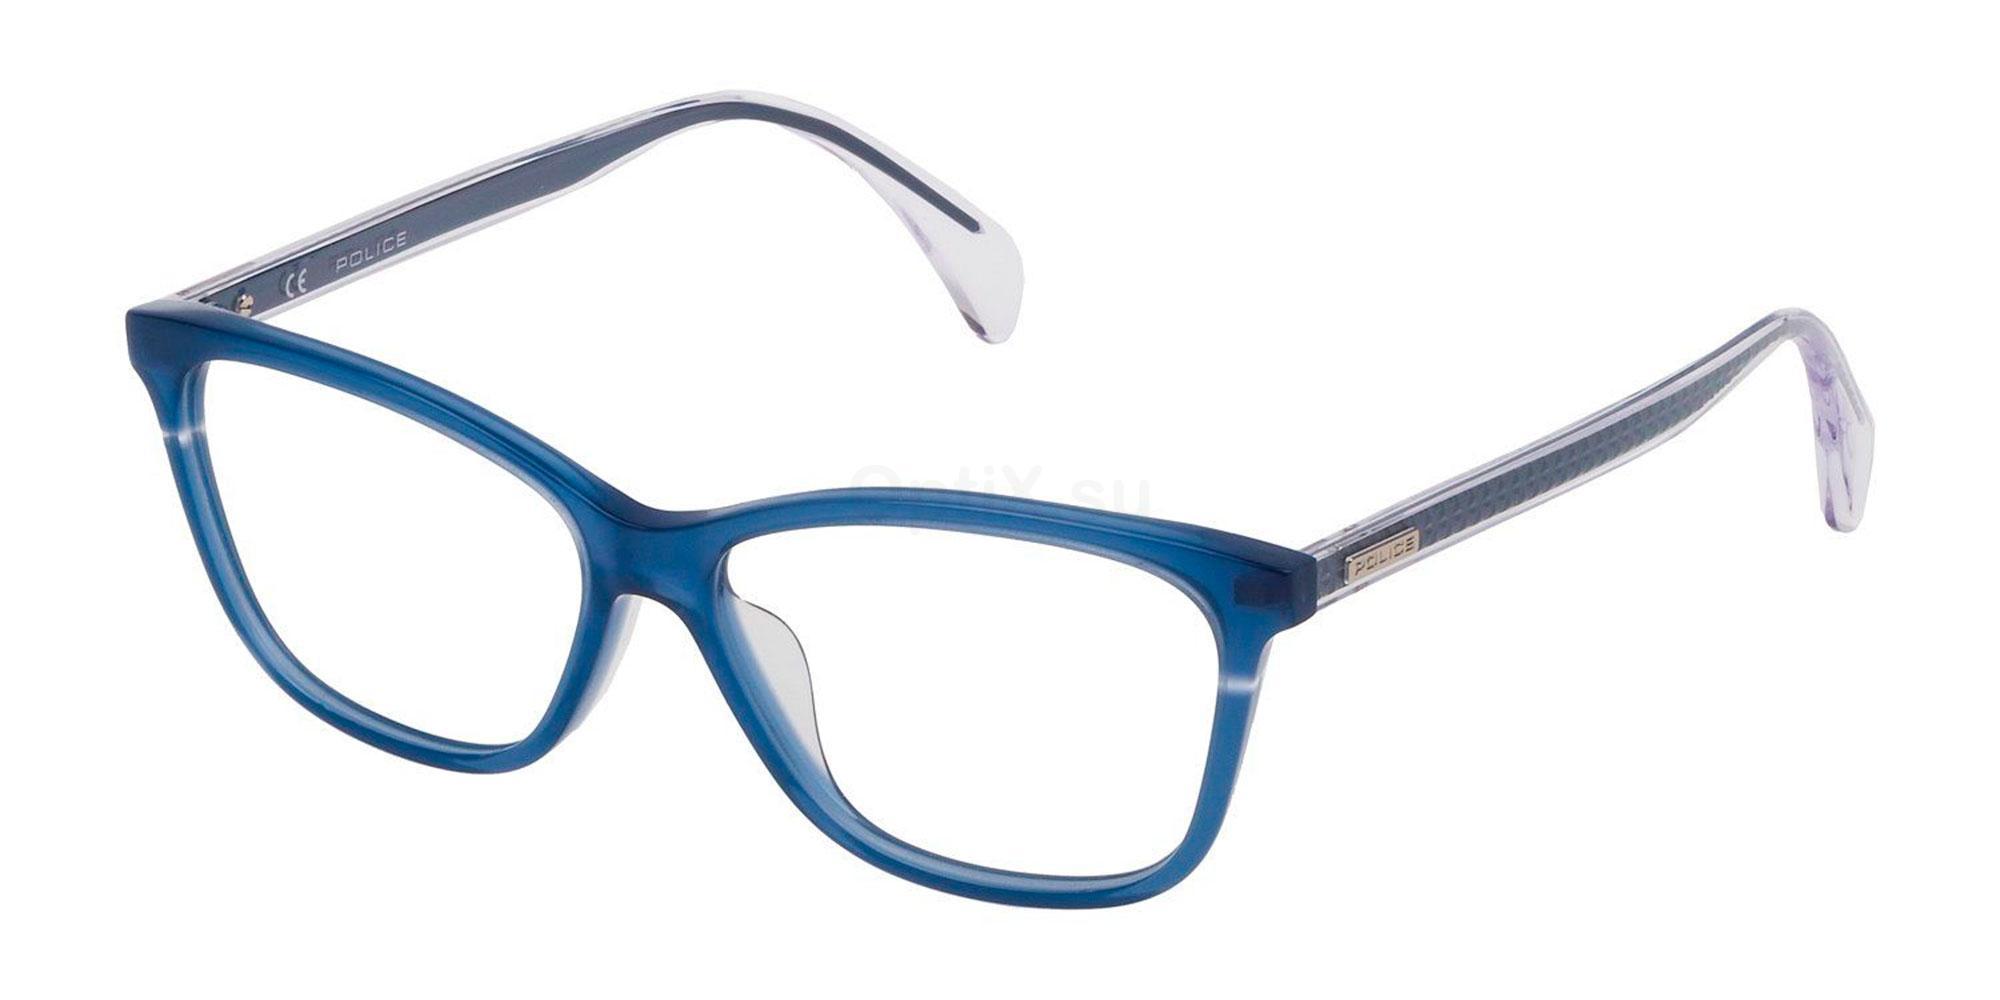 03GR VPL733 Glasses, Police